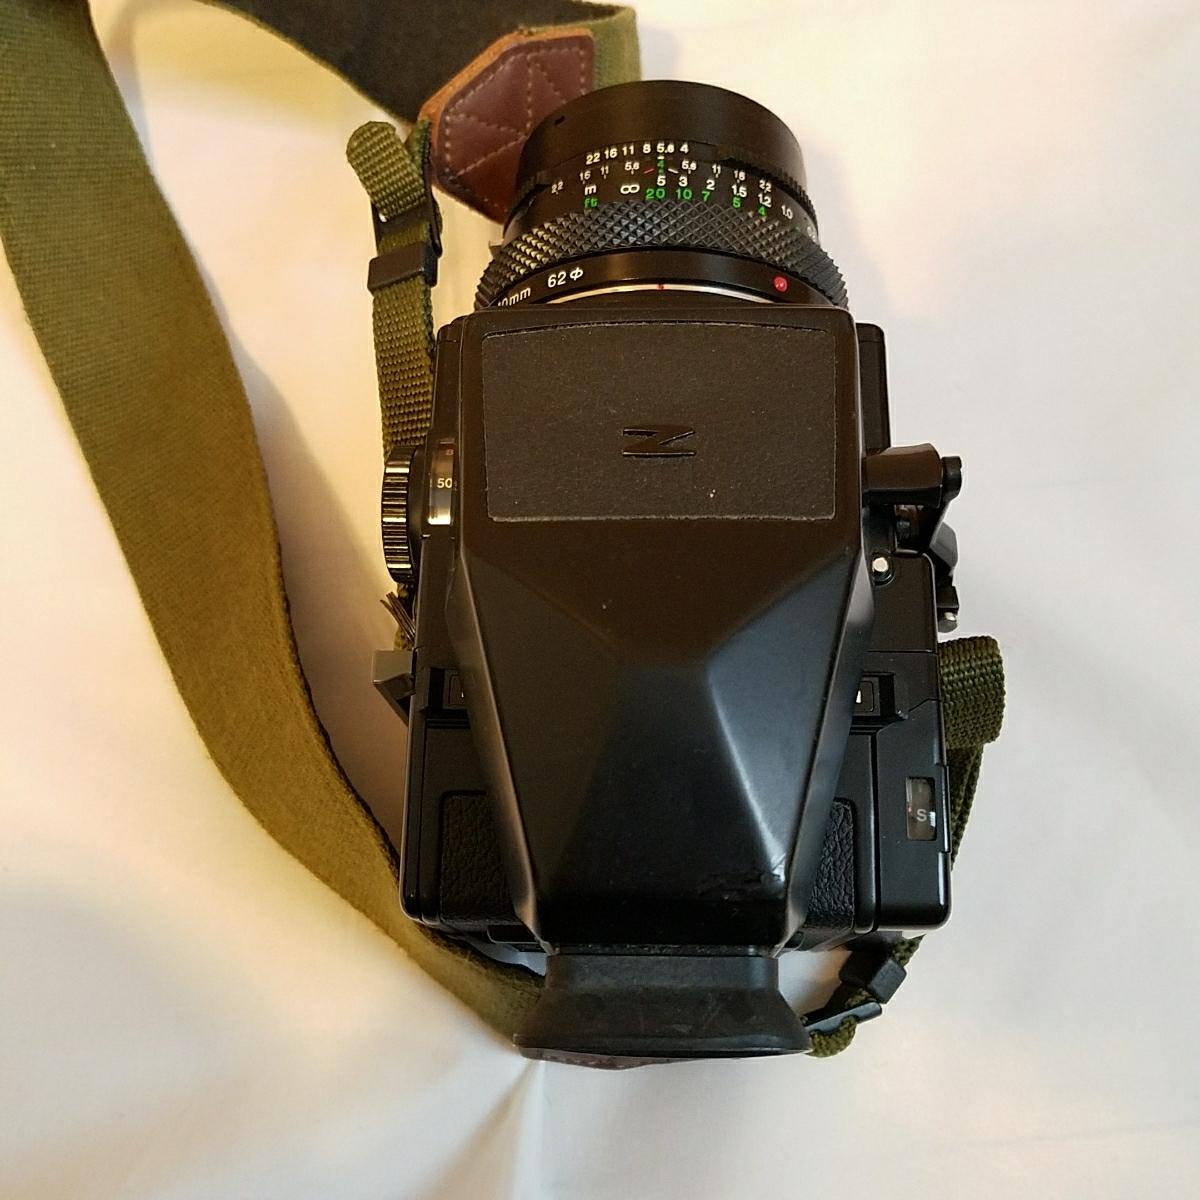 ブロニカ ZENZA BRONICA ETRS 40mm 4 レンズ付き_画像4